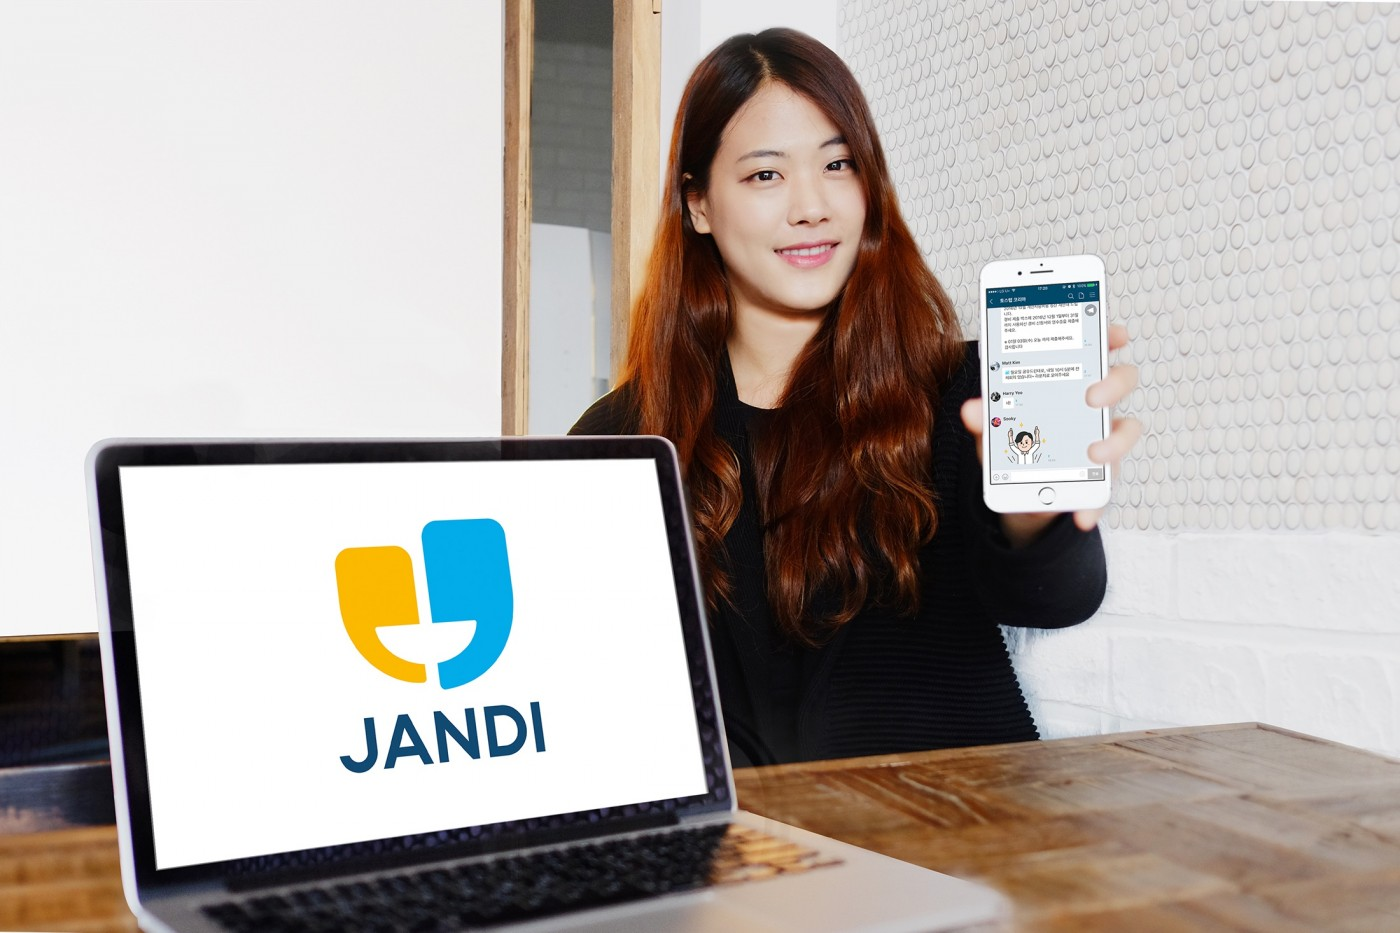 企業通訊軟體JANDI宣佈完成A輪募資,融資金額累計超過600萬美元